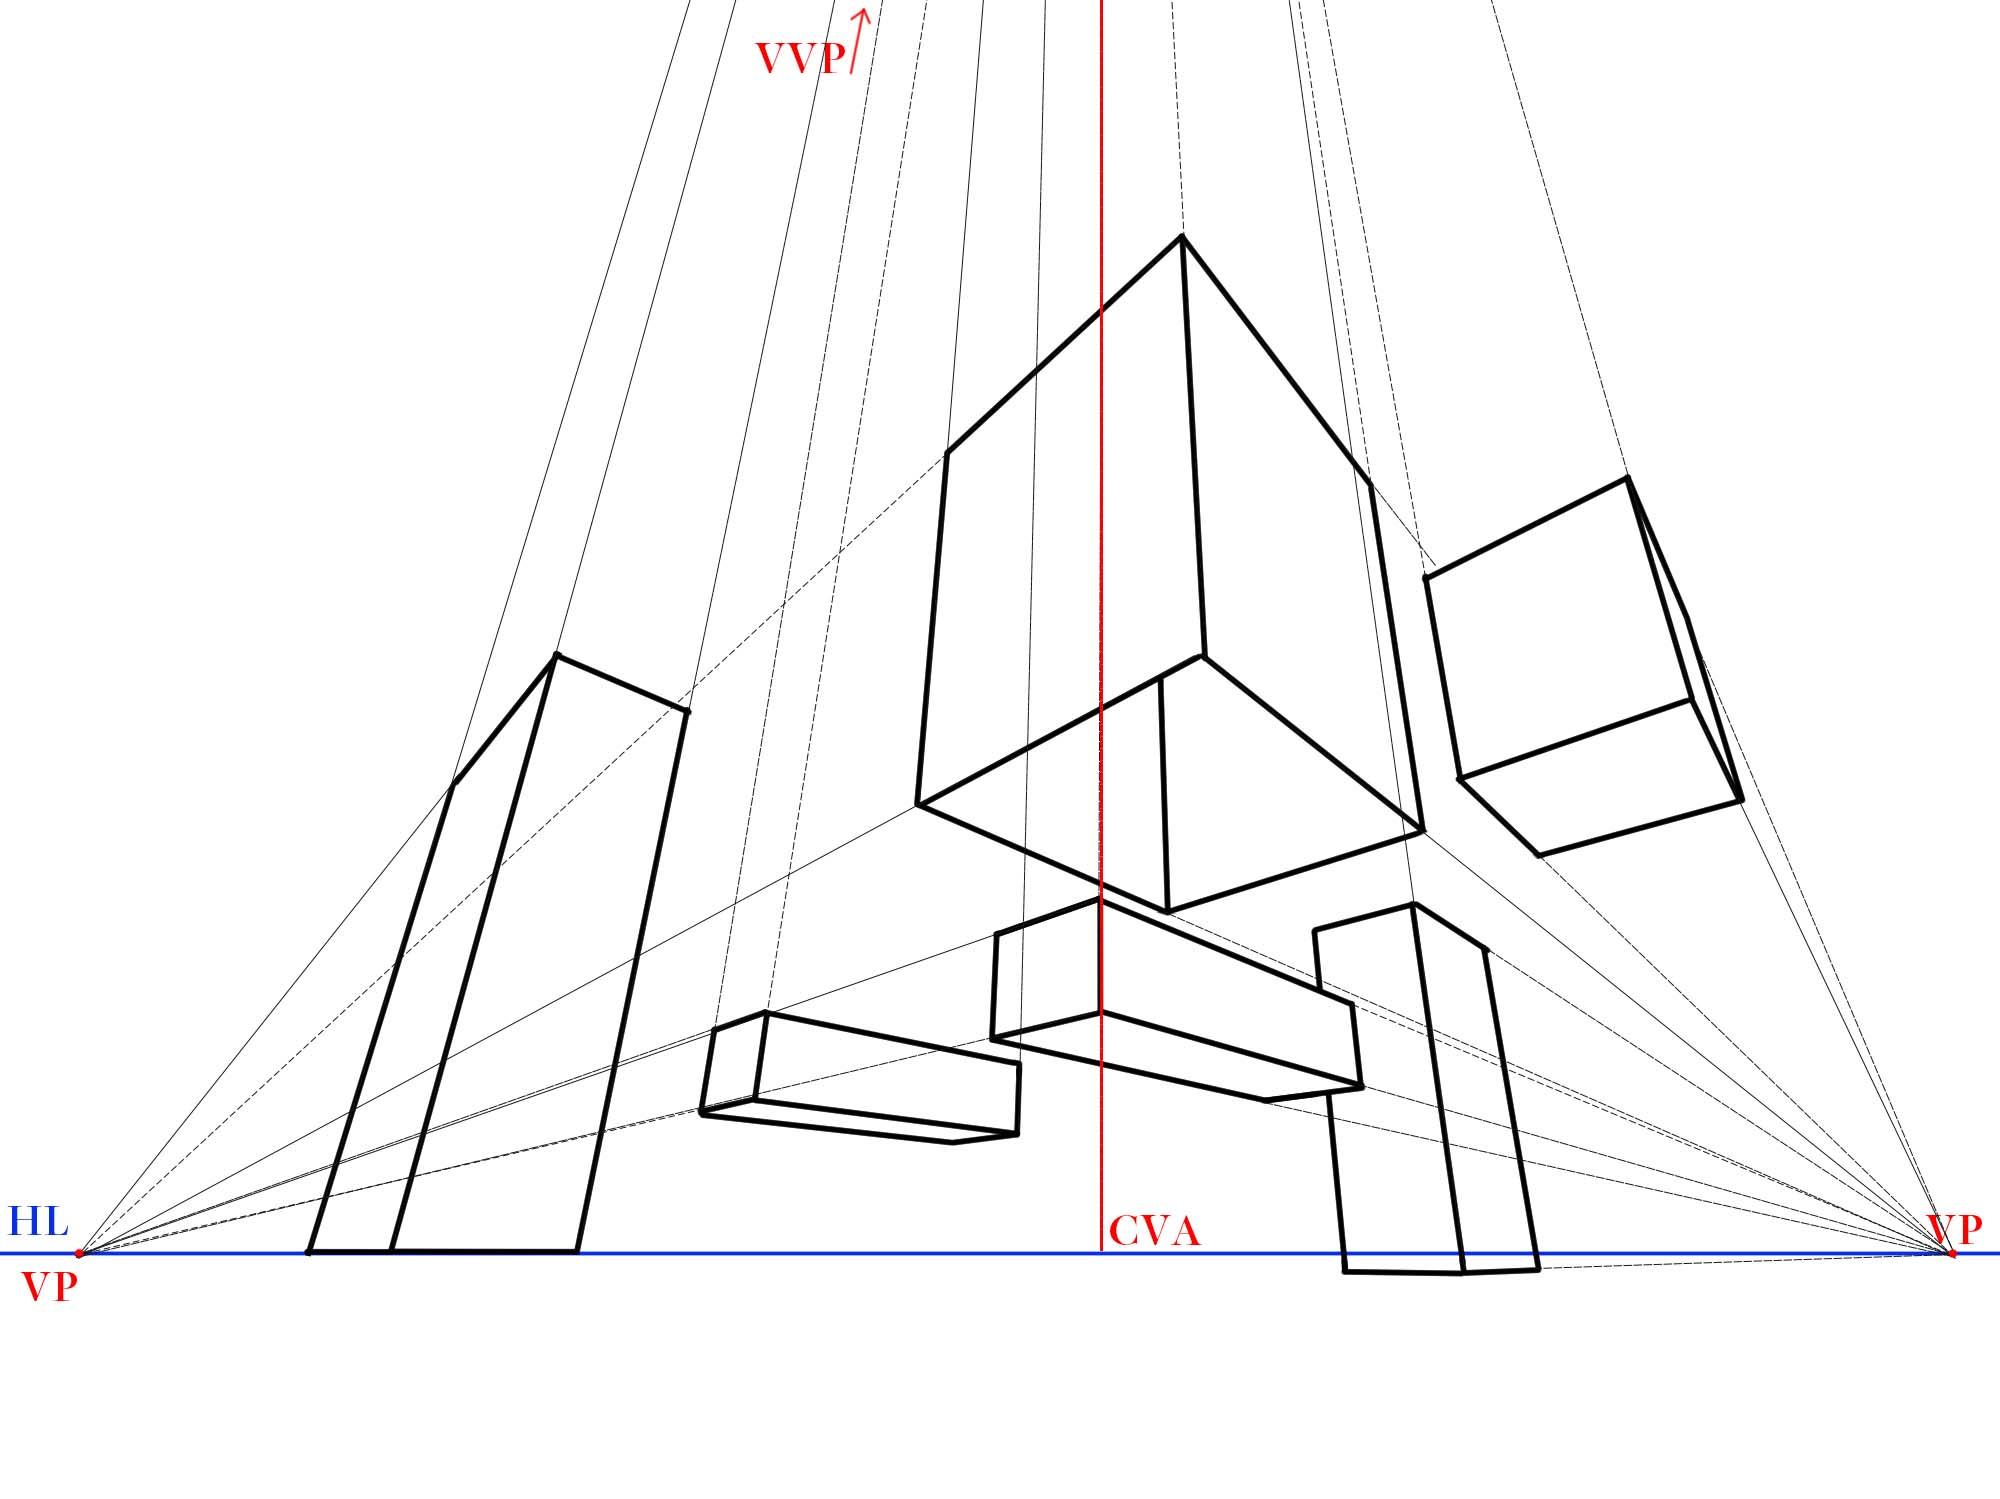 3点透視図とは